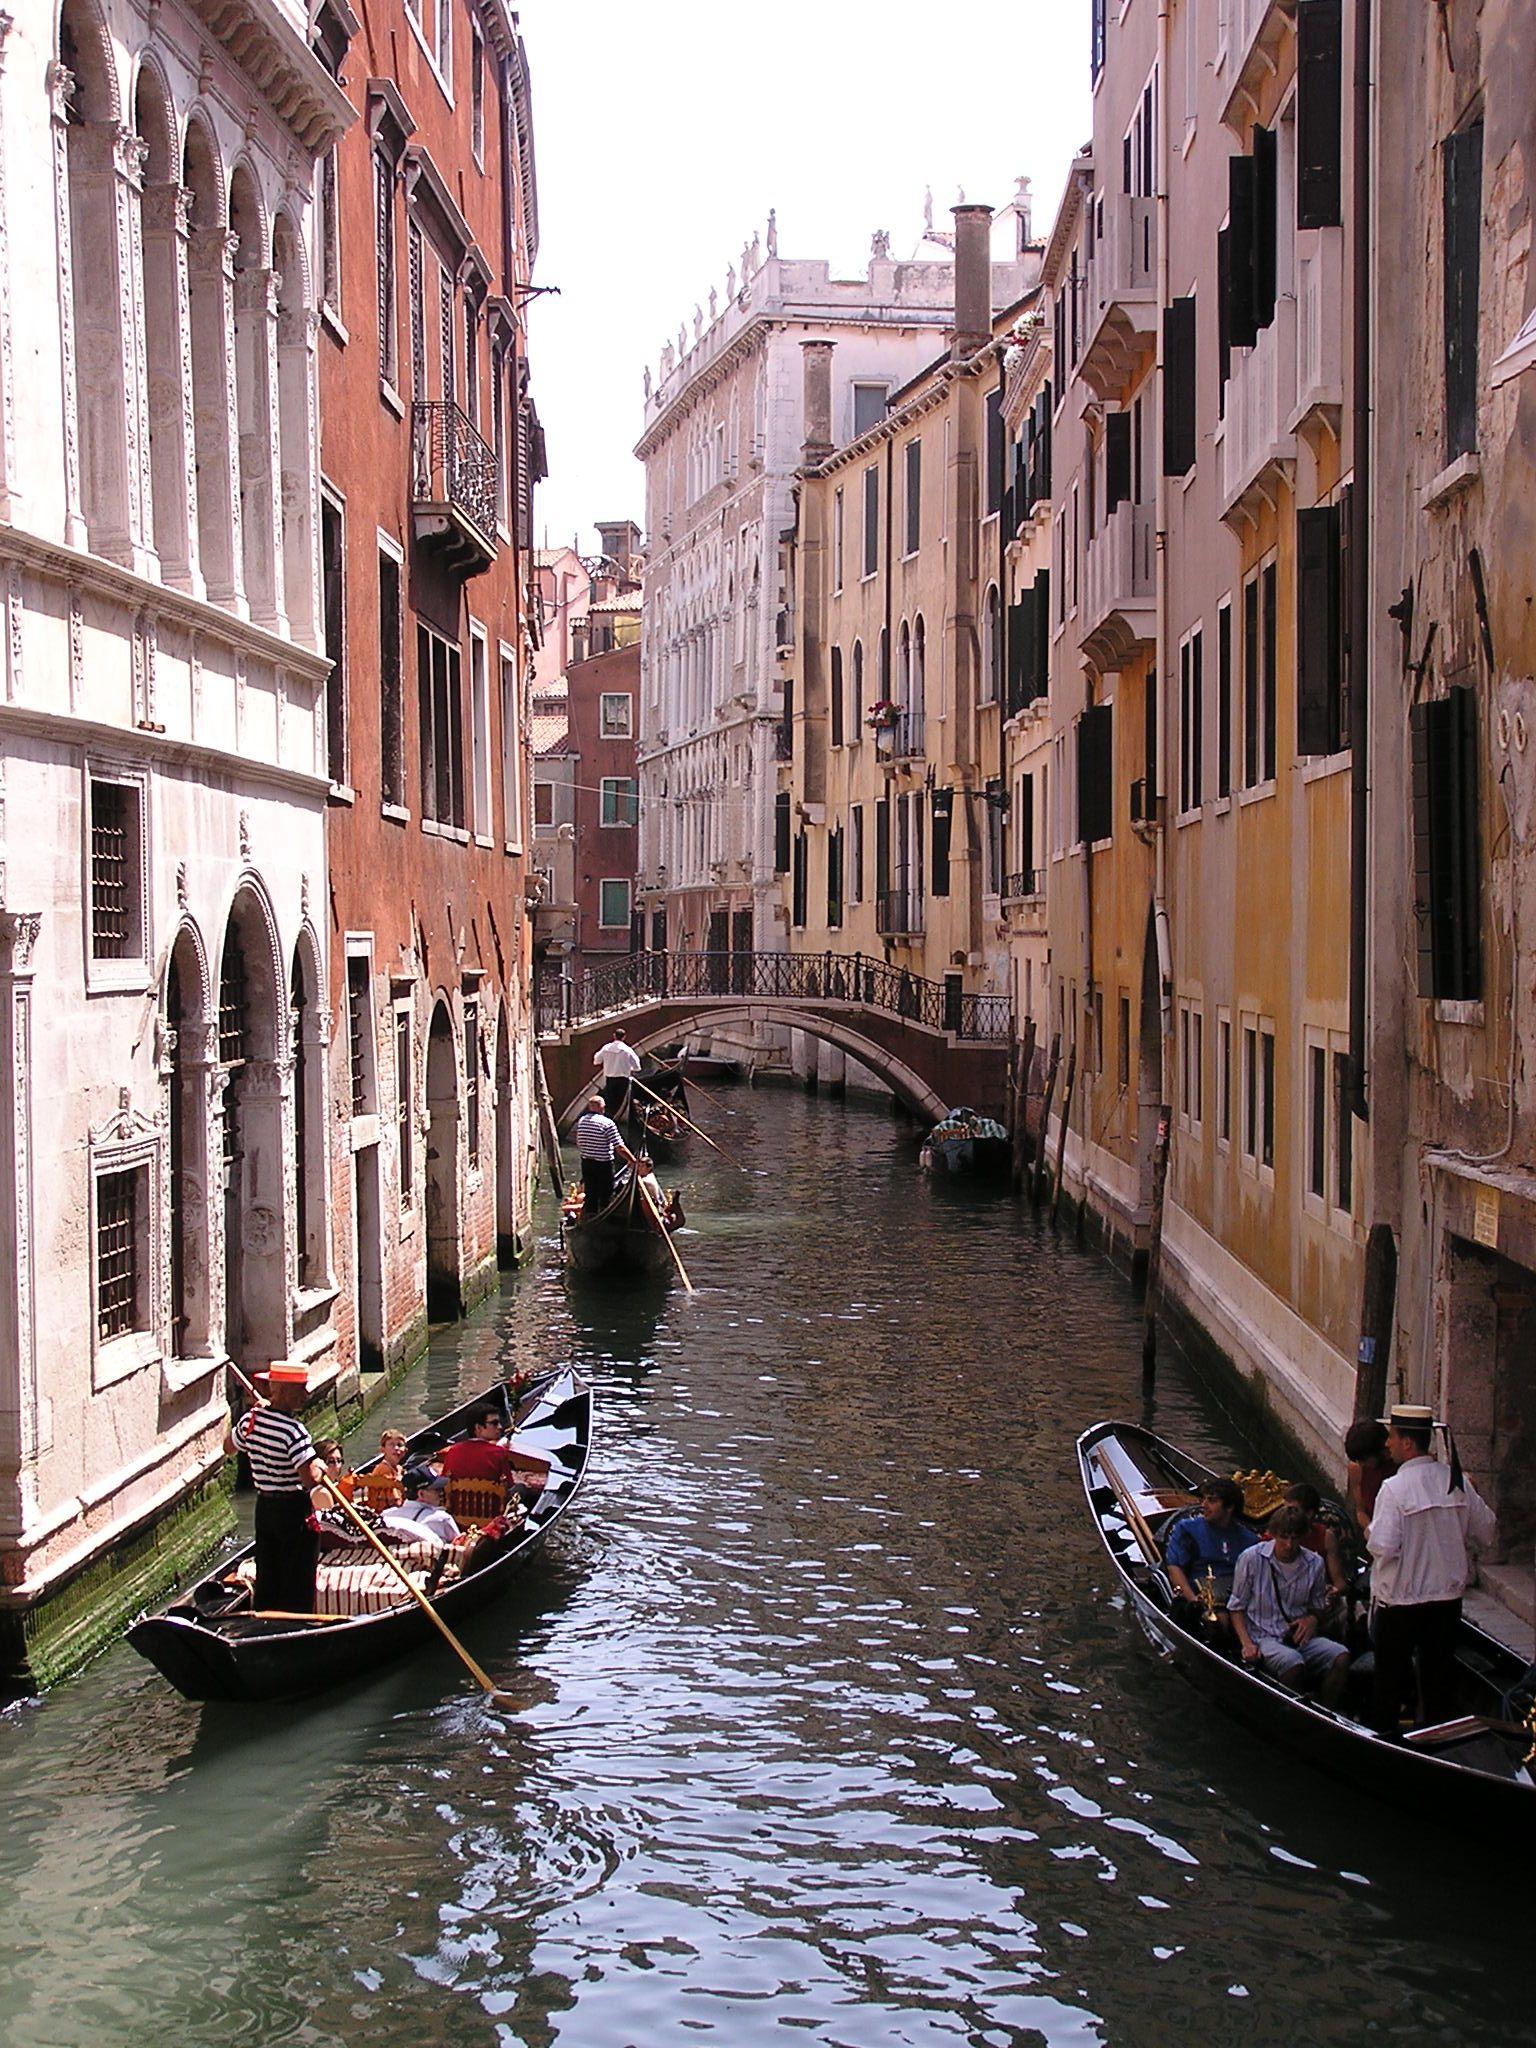 File:Gondola-Venice-Italy.jpg - Wikimedia Commons